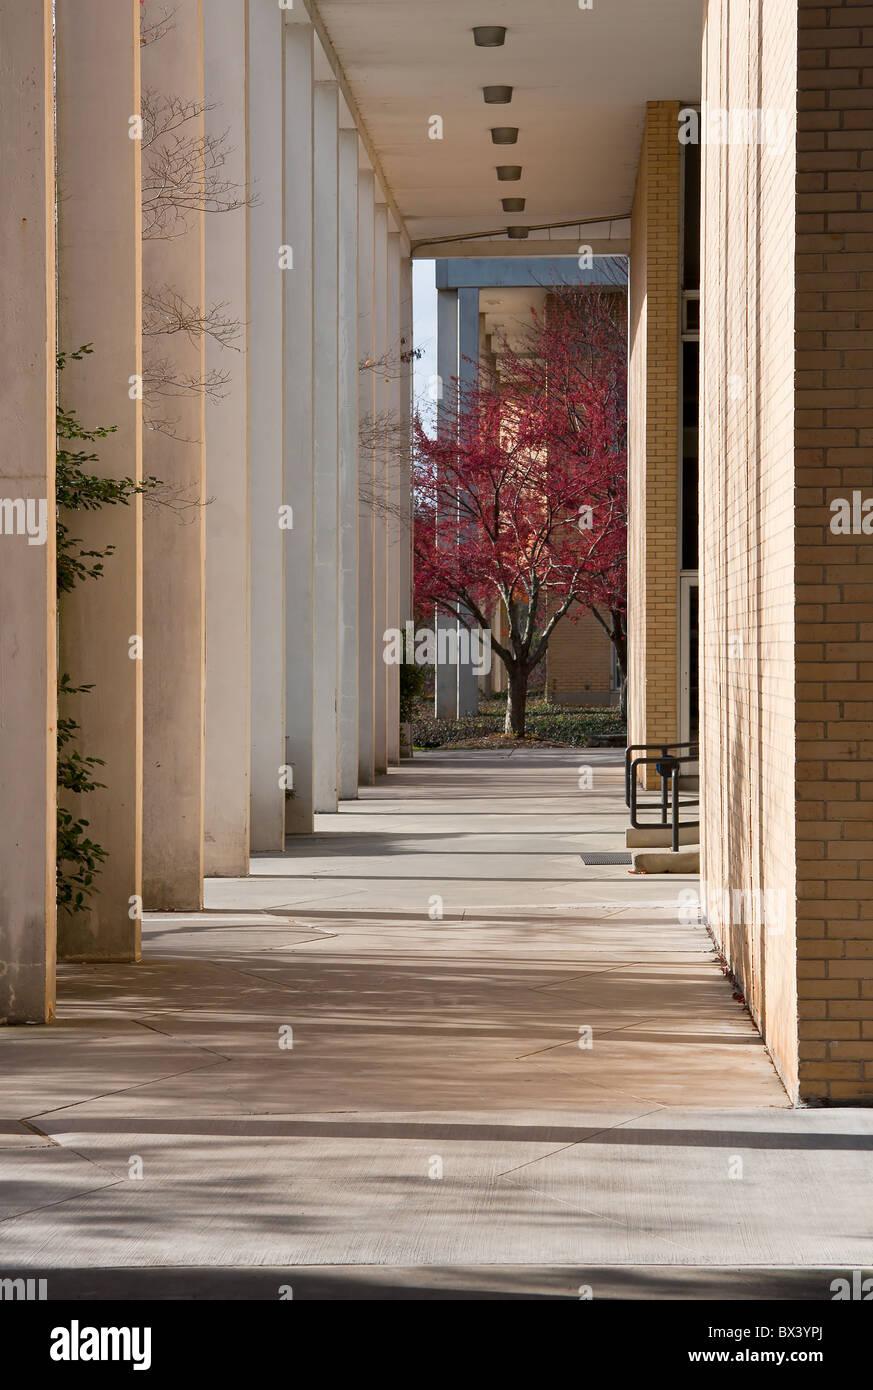 University of North Carolina; Asheville Stock Photo